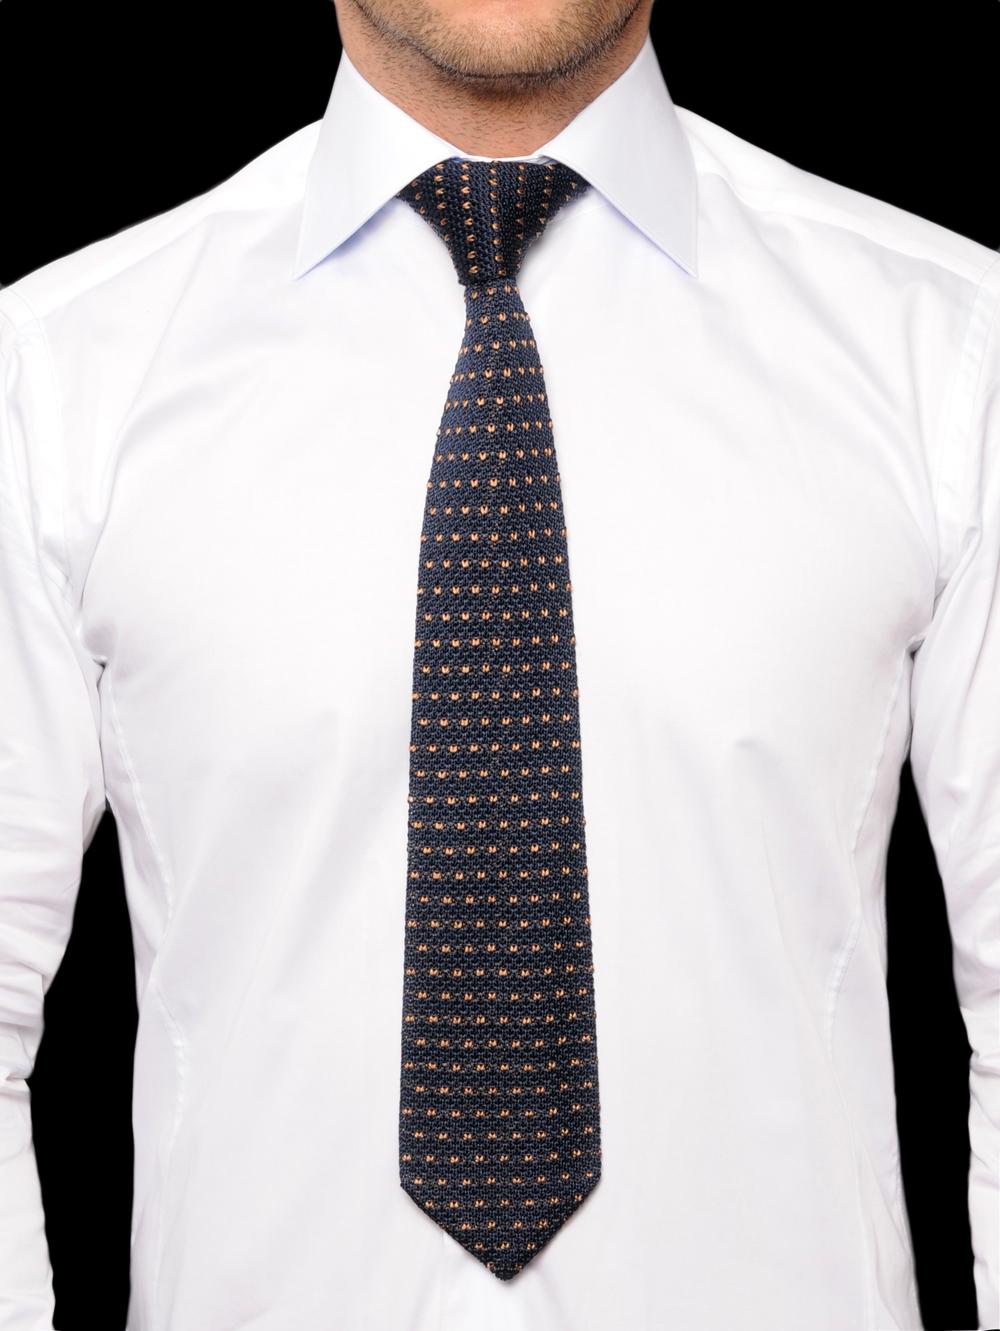 chemise cravate comment bien accorder les deux. Black Bedroom Furniture Sets. Home Design Ideas